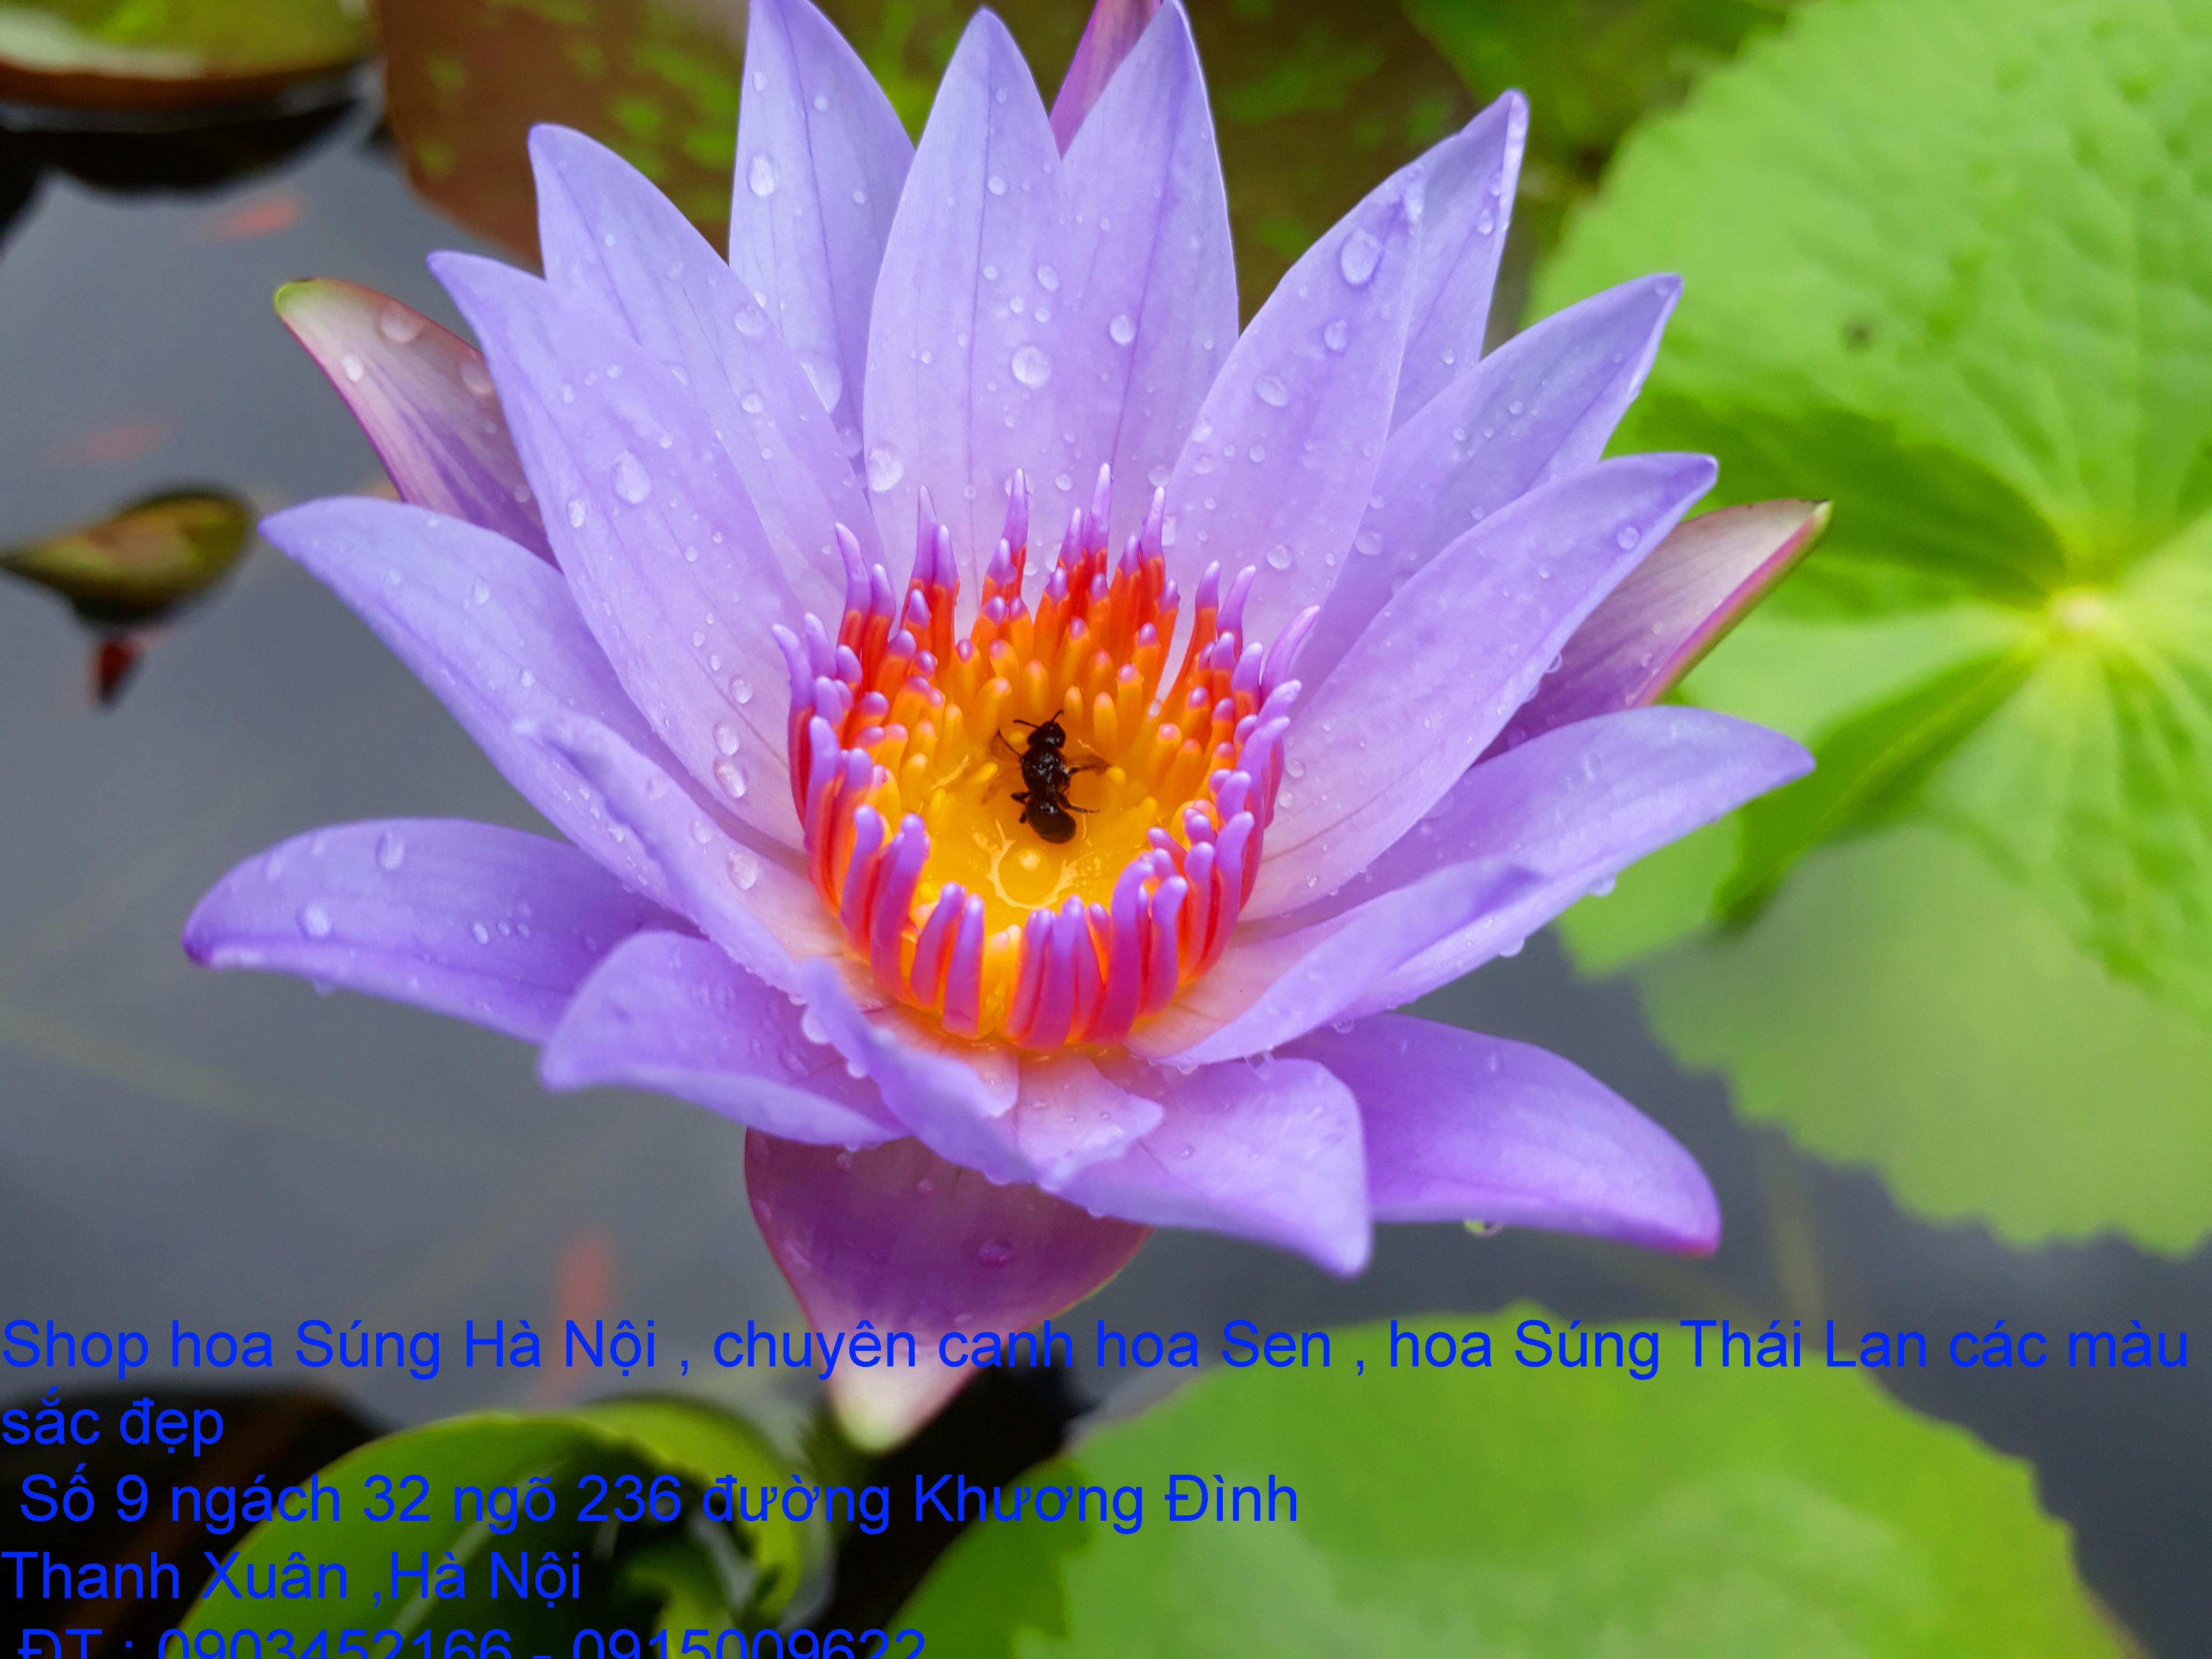 8 Bán hoa Súng Thái Lan với 120 màu sắc đẹp khoe sắc quanh năm giữa lòng Hà Nội